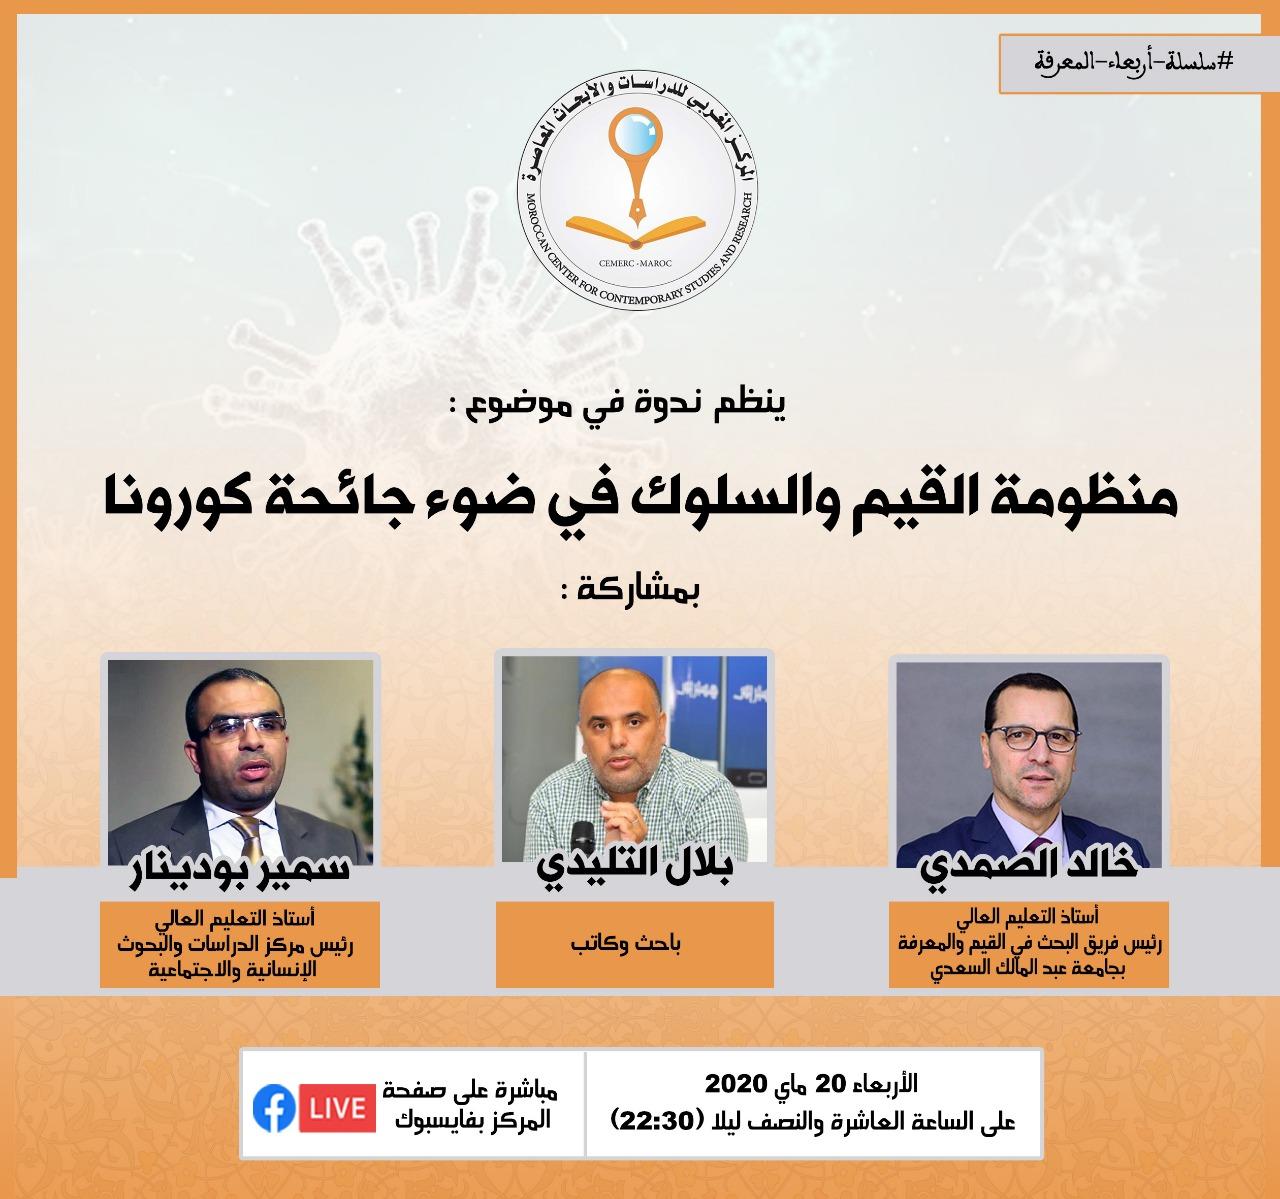 """المركز المغربي ينظم ندوة حول """"منظومة القيم والسلوك في ضوء جائحة كورونا"""""""